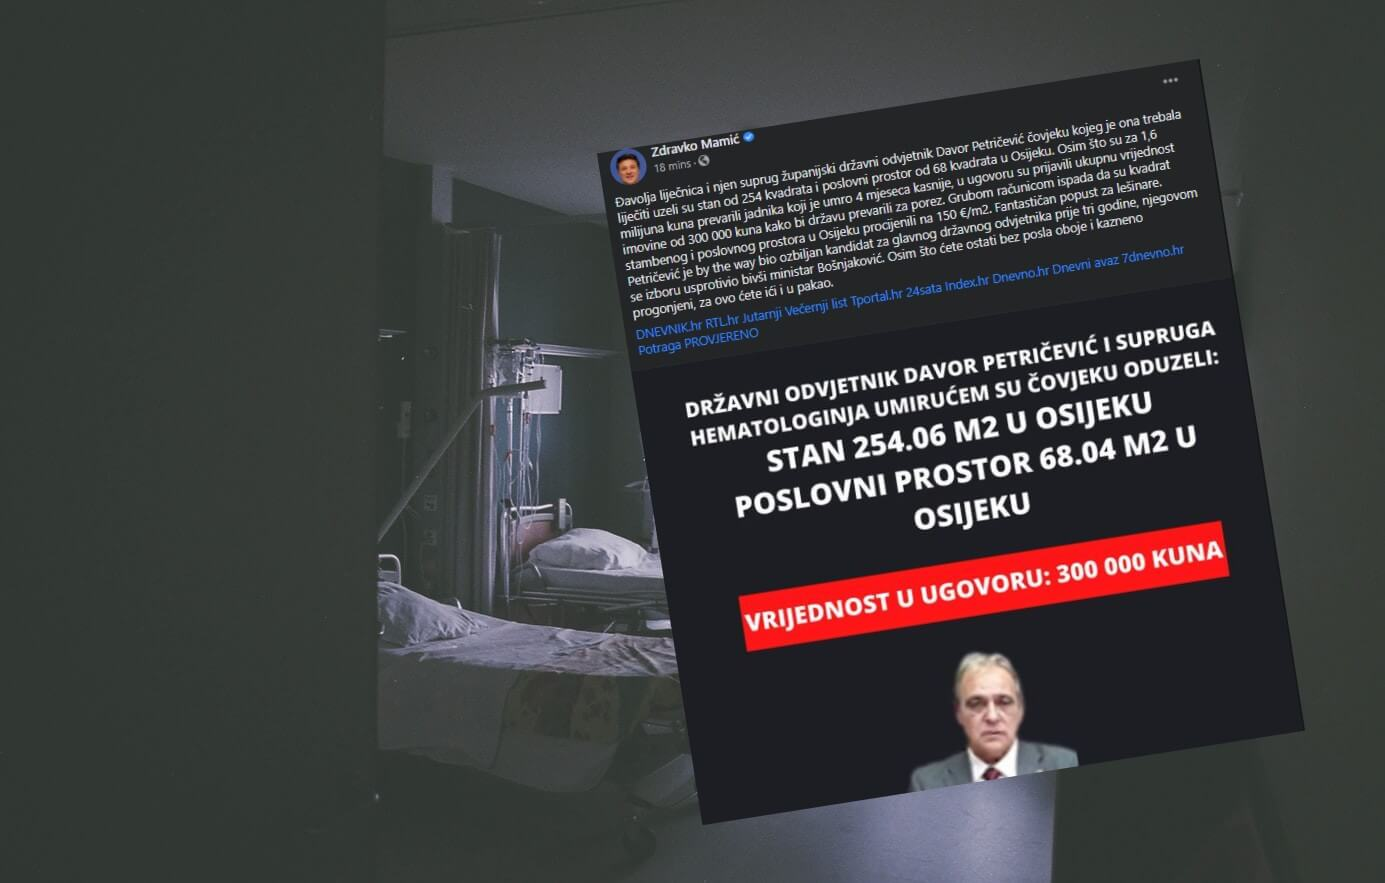 Mamić optužuje suce i odvjetnike: Čovjeku su na smrtnoj postelji oteli imovinu vrijednu 1,6 milijuna kuna